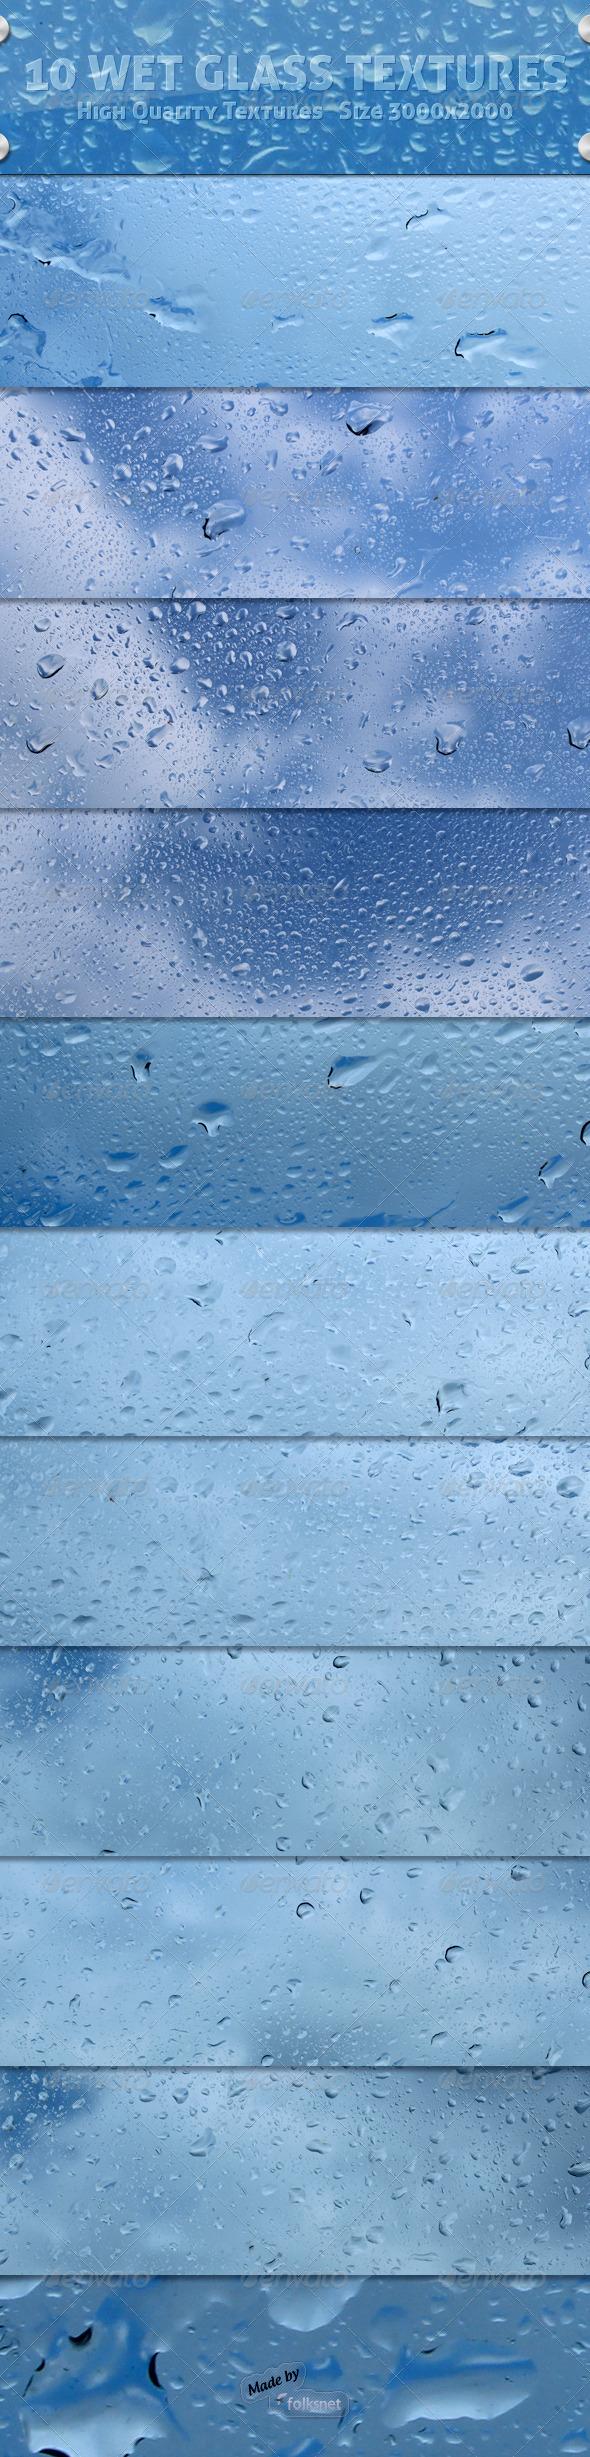 Wet Glass Textures - Liquid Textures